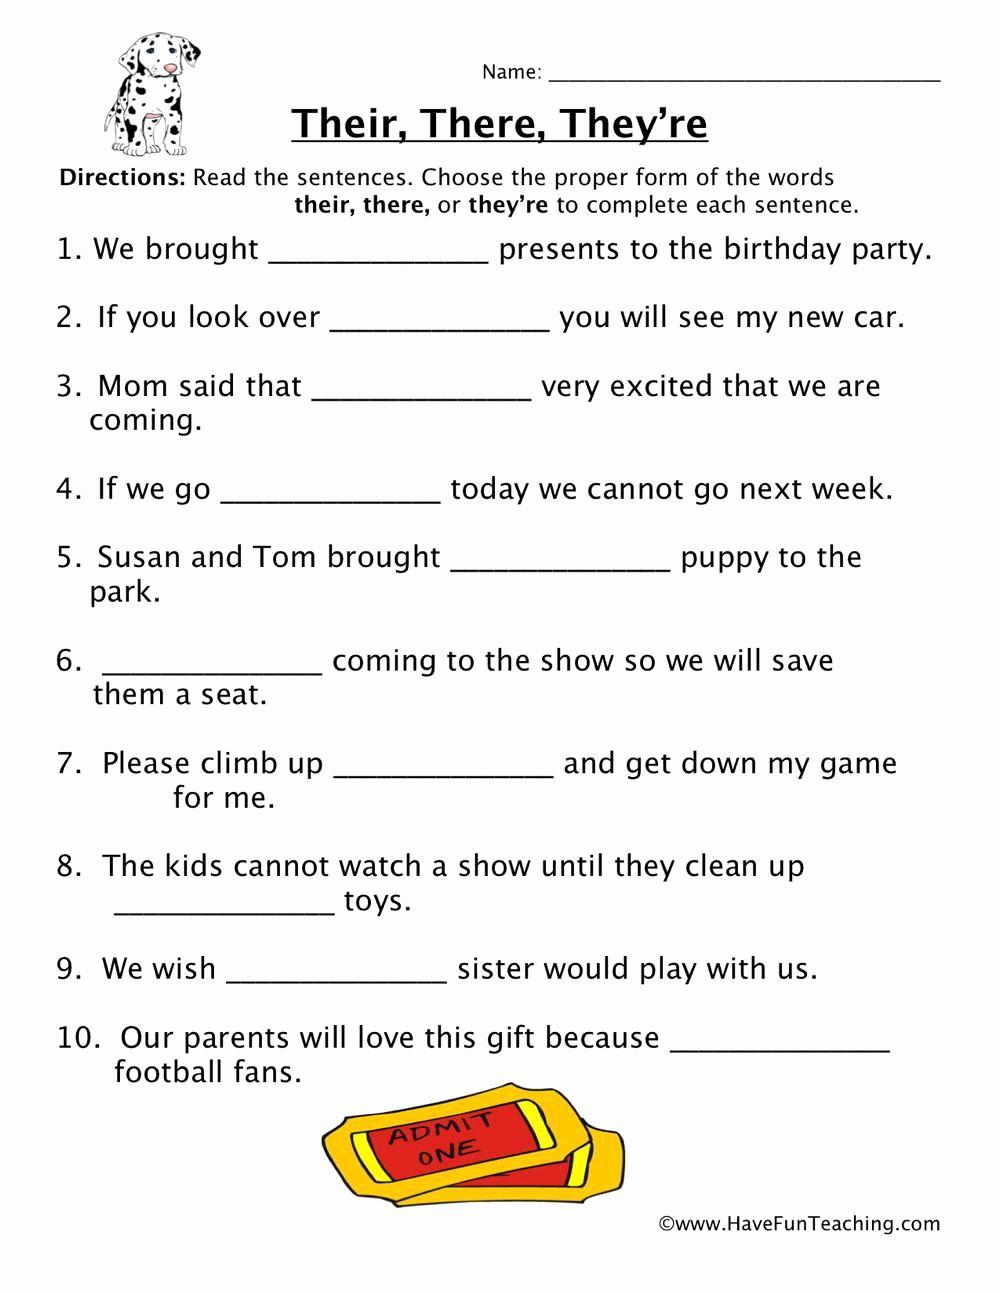 Homonyms Worksheets 5th Grade Beautiful Homophones Worksheet 5th Grade In 2020